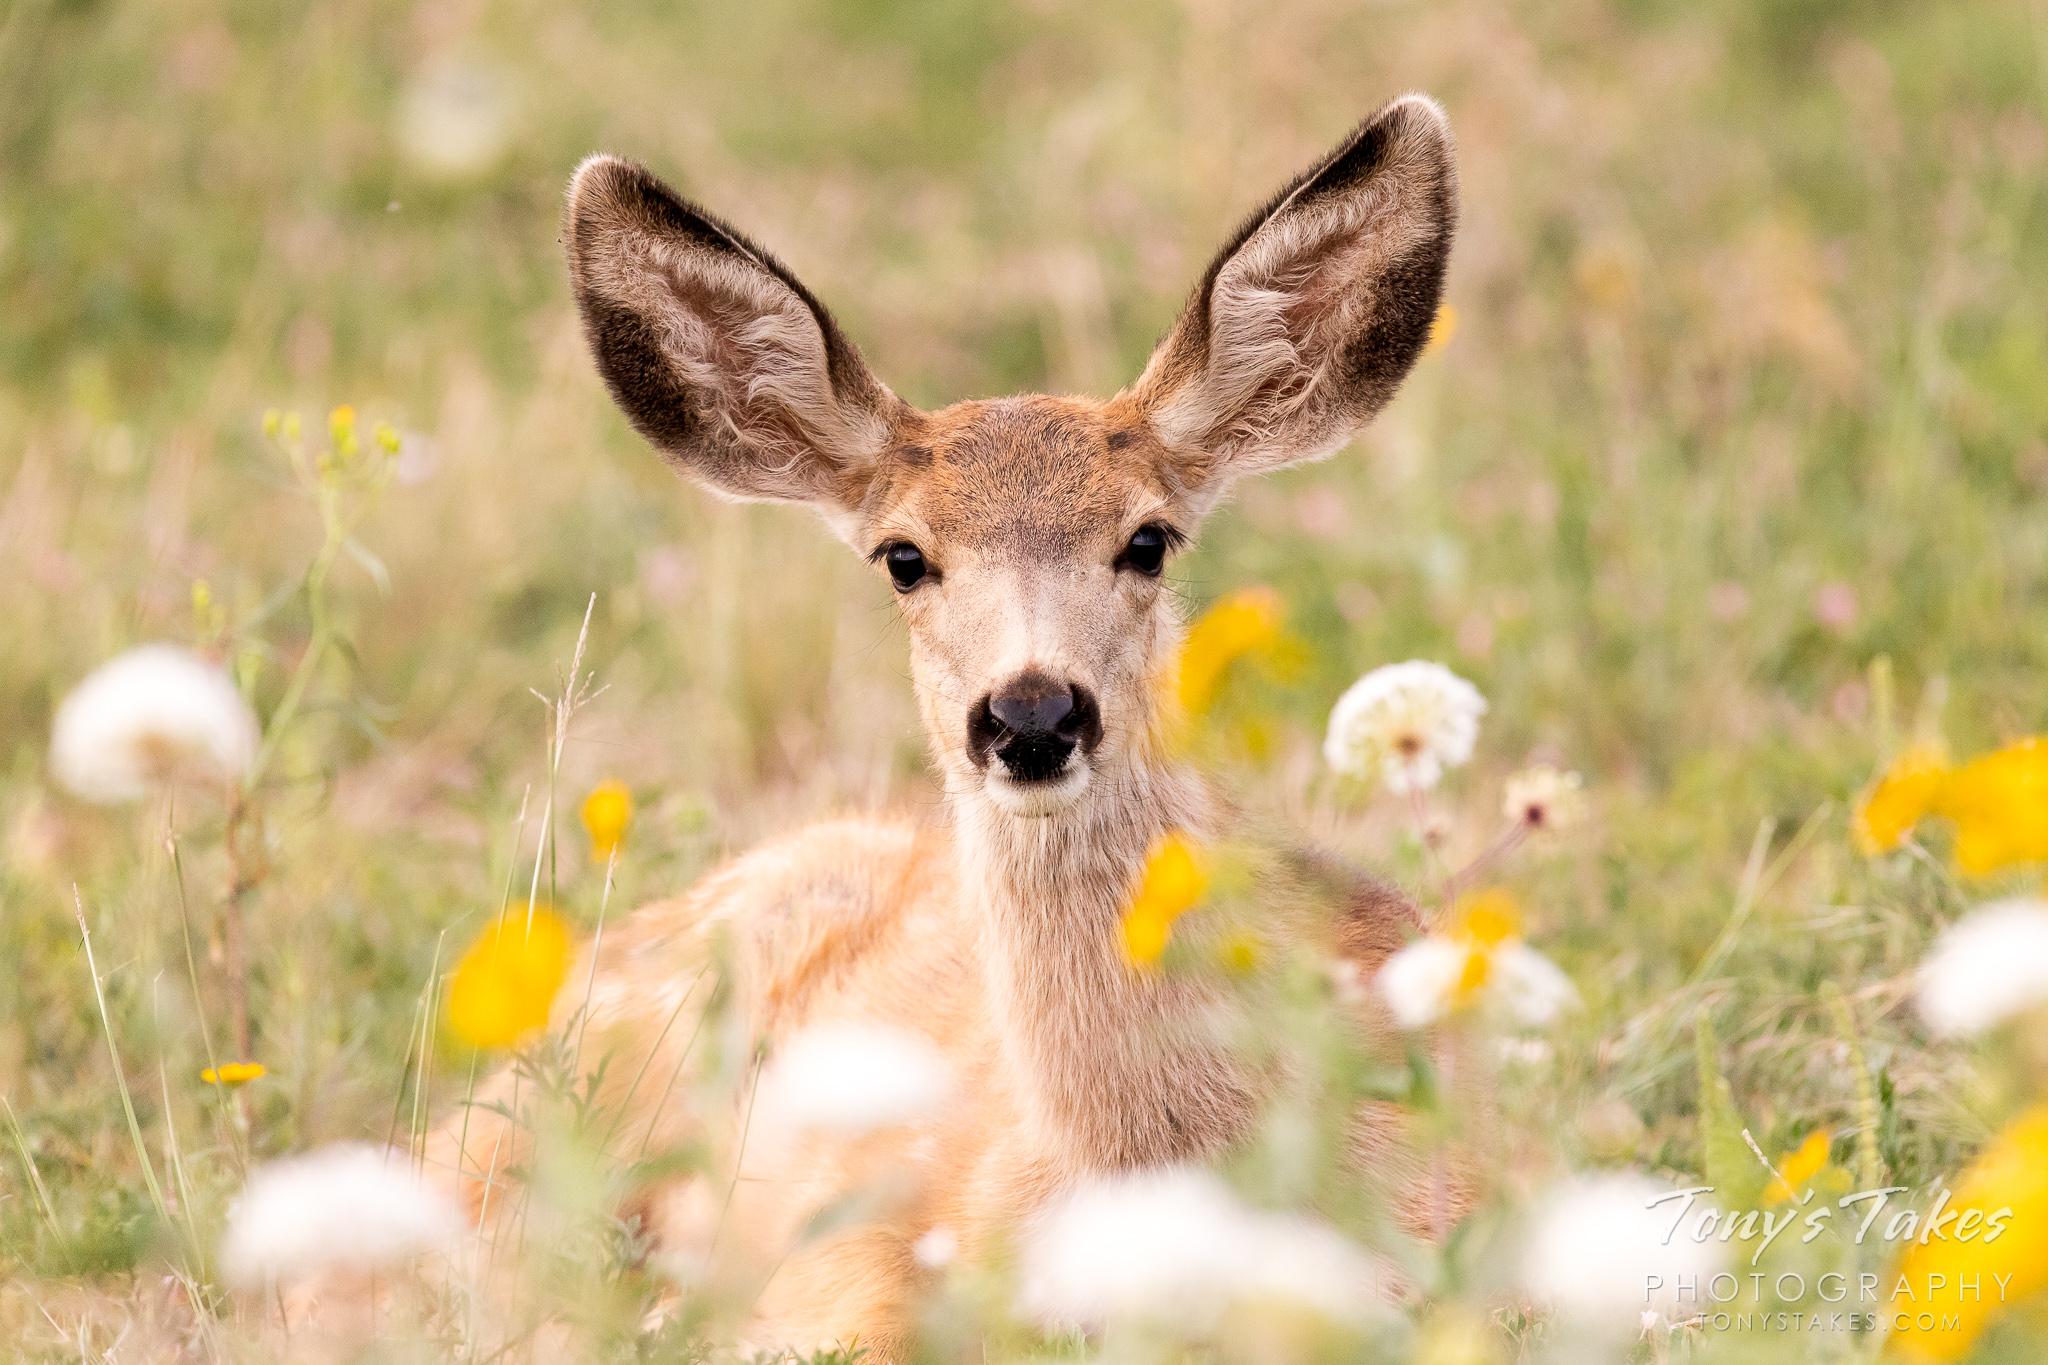 Precious Mule Deer fawn among wildflowers